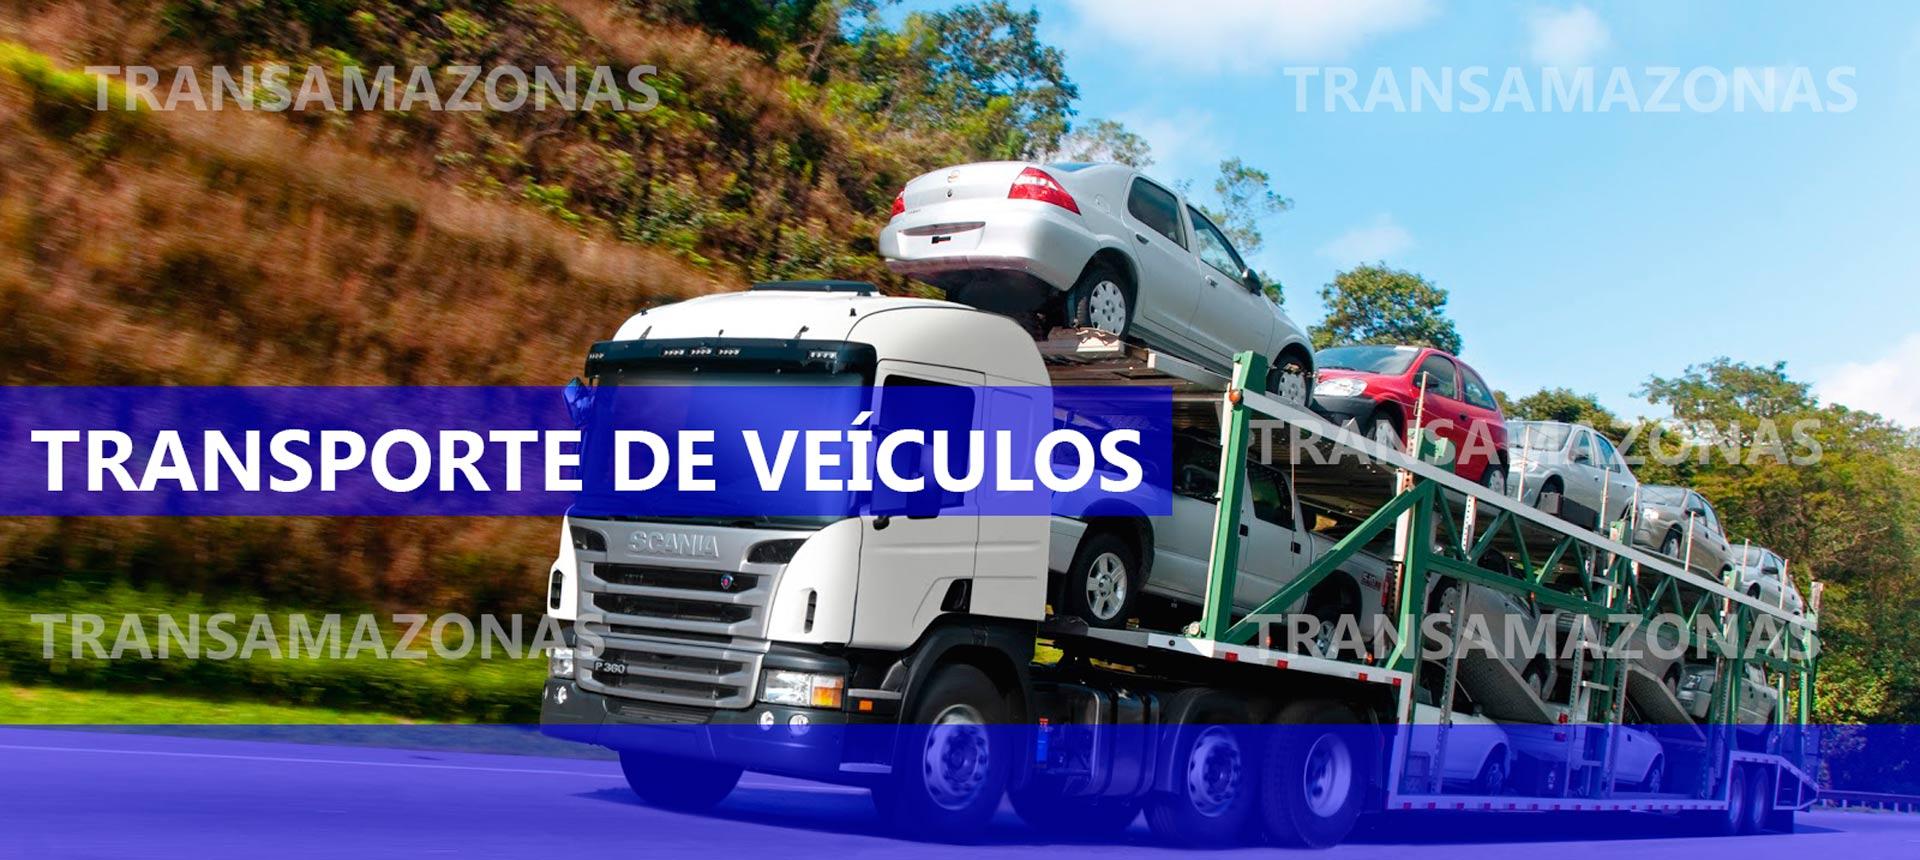 Transportadora de Veiculos em Manaus – TransAmazonas